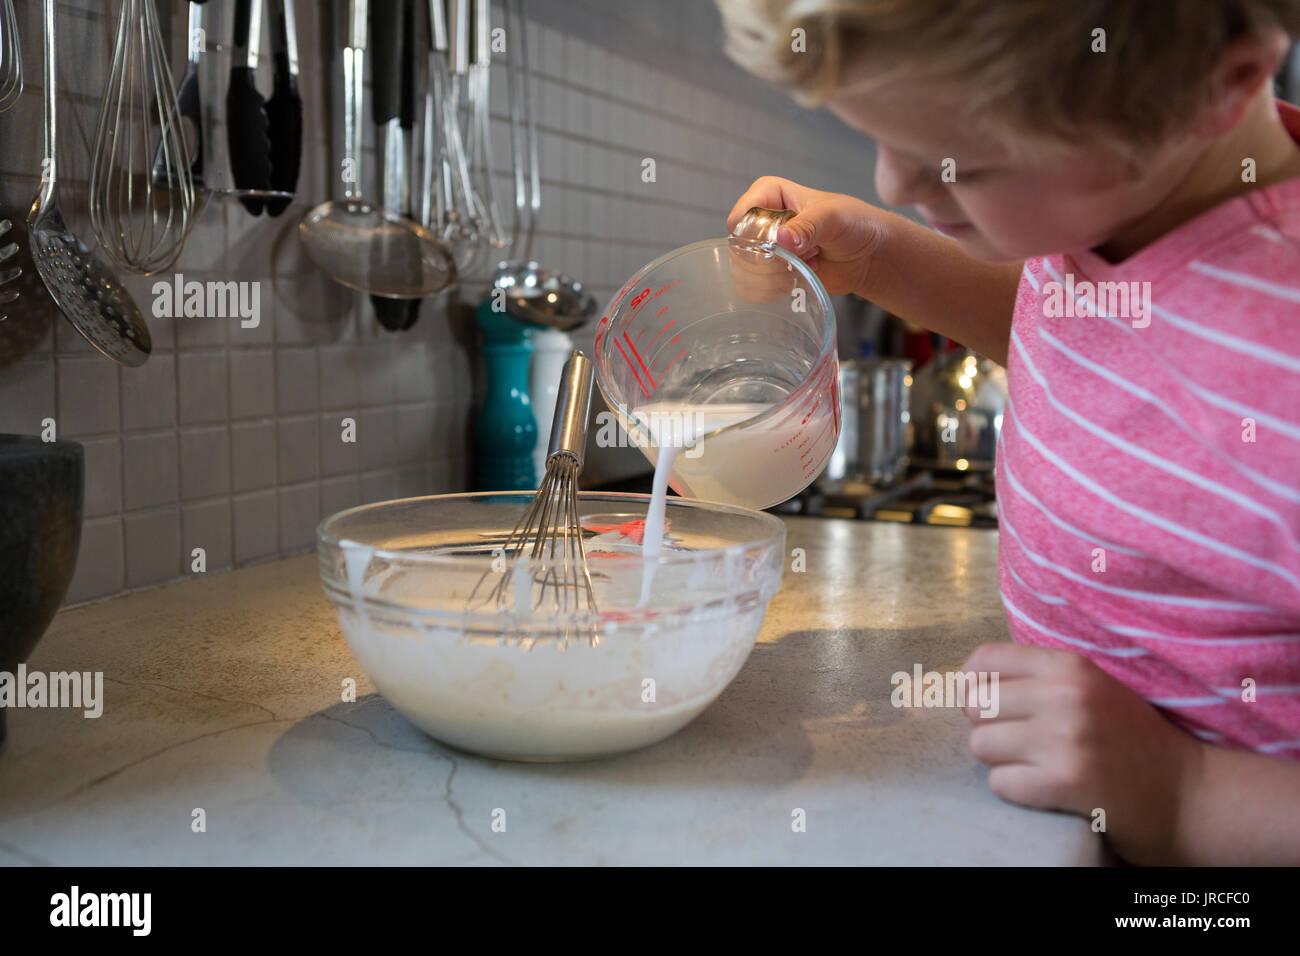 Junge gießen Milch in den Teig an küchenutensil Stockbild